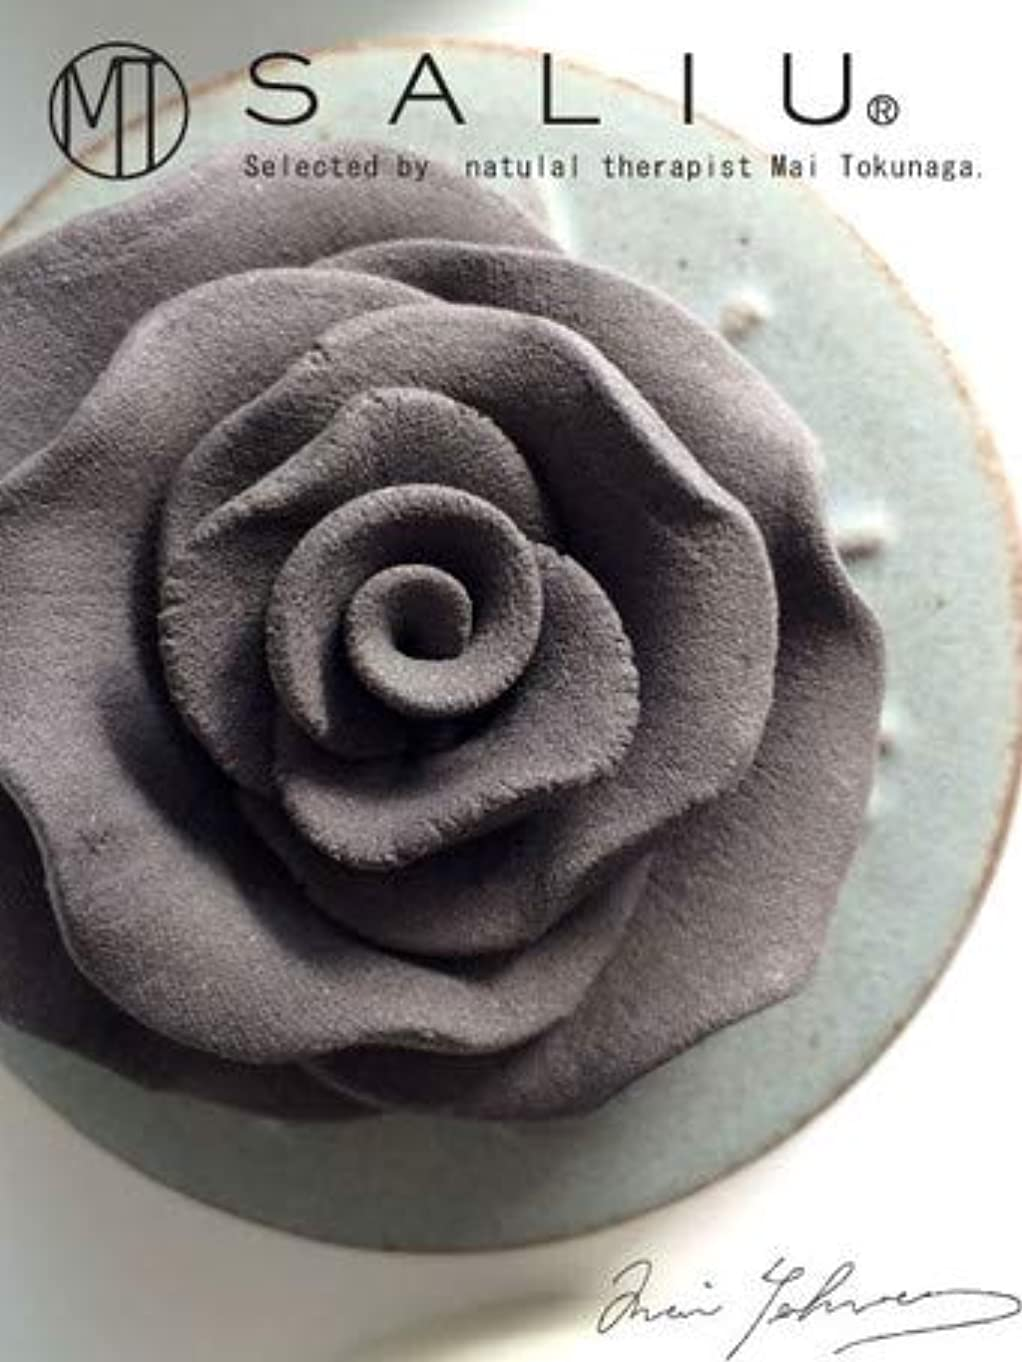 とは異なり純粋な人生を作るLOLO ロロ SALIU ローズセットh 灰 グレー ローズ?トレイ:陶器 フレグランスオイル内容量5ml